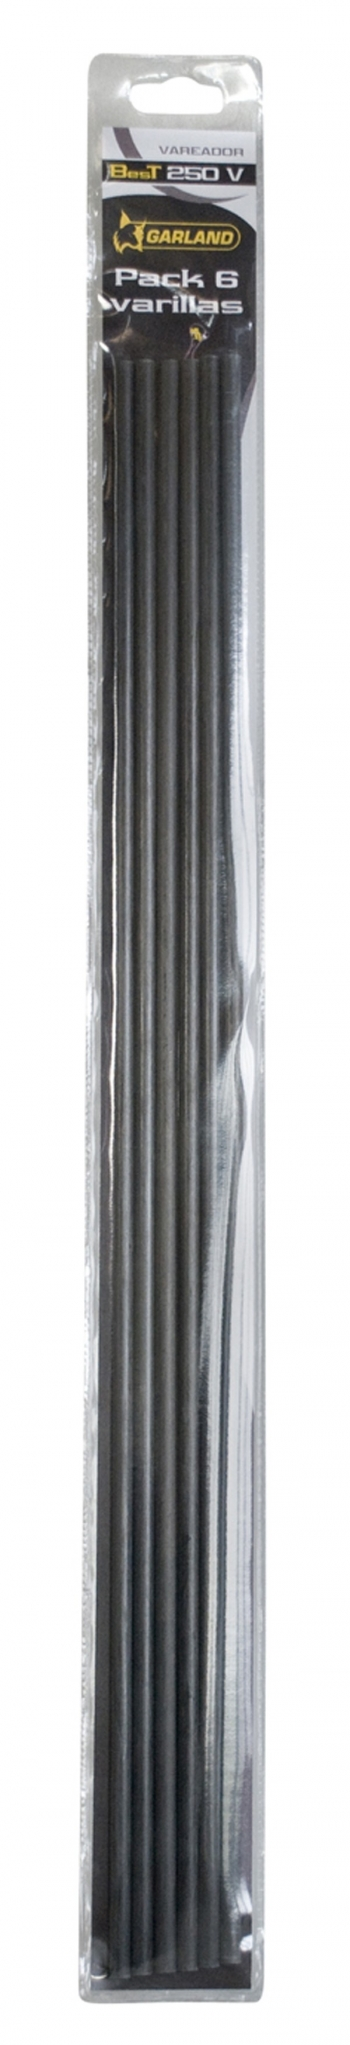 Varillas Vareador Repuest Bl/6 - Garland - 71250v0006